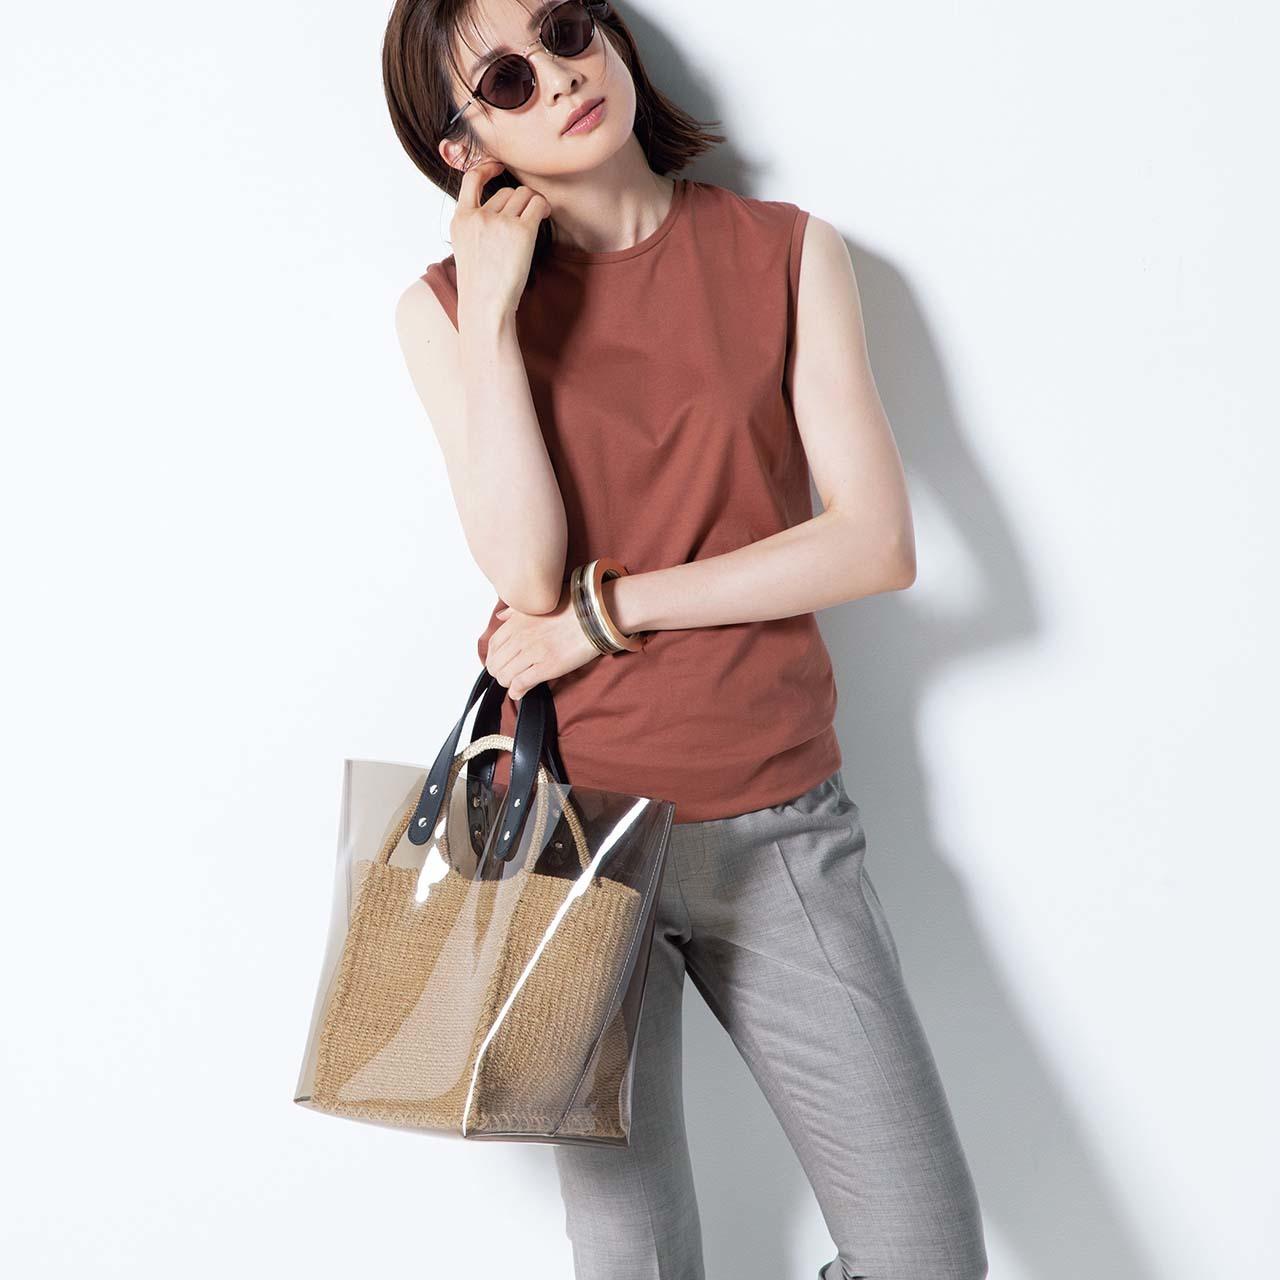 ノースリーブトップス×パンツコーデを着たモデルの高垣麗子さん